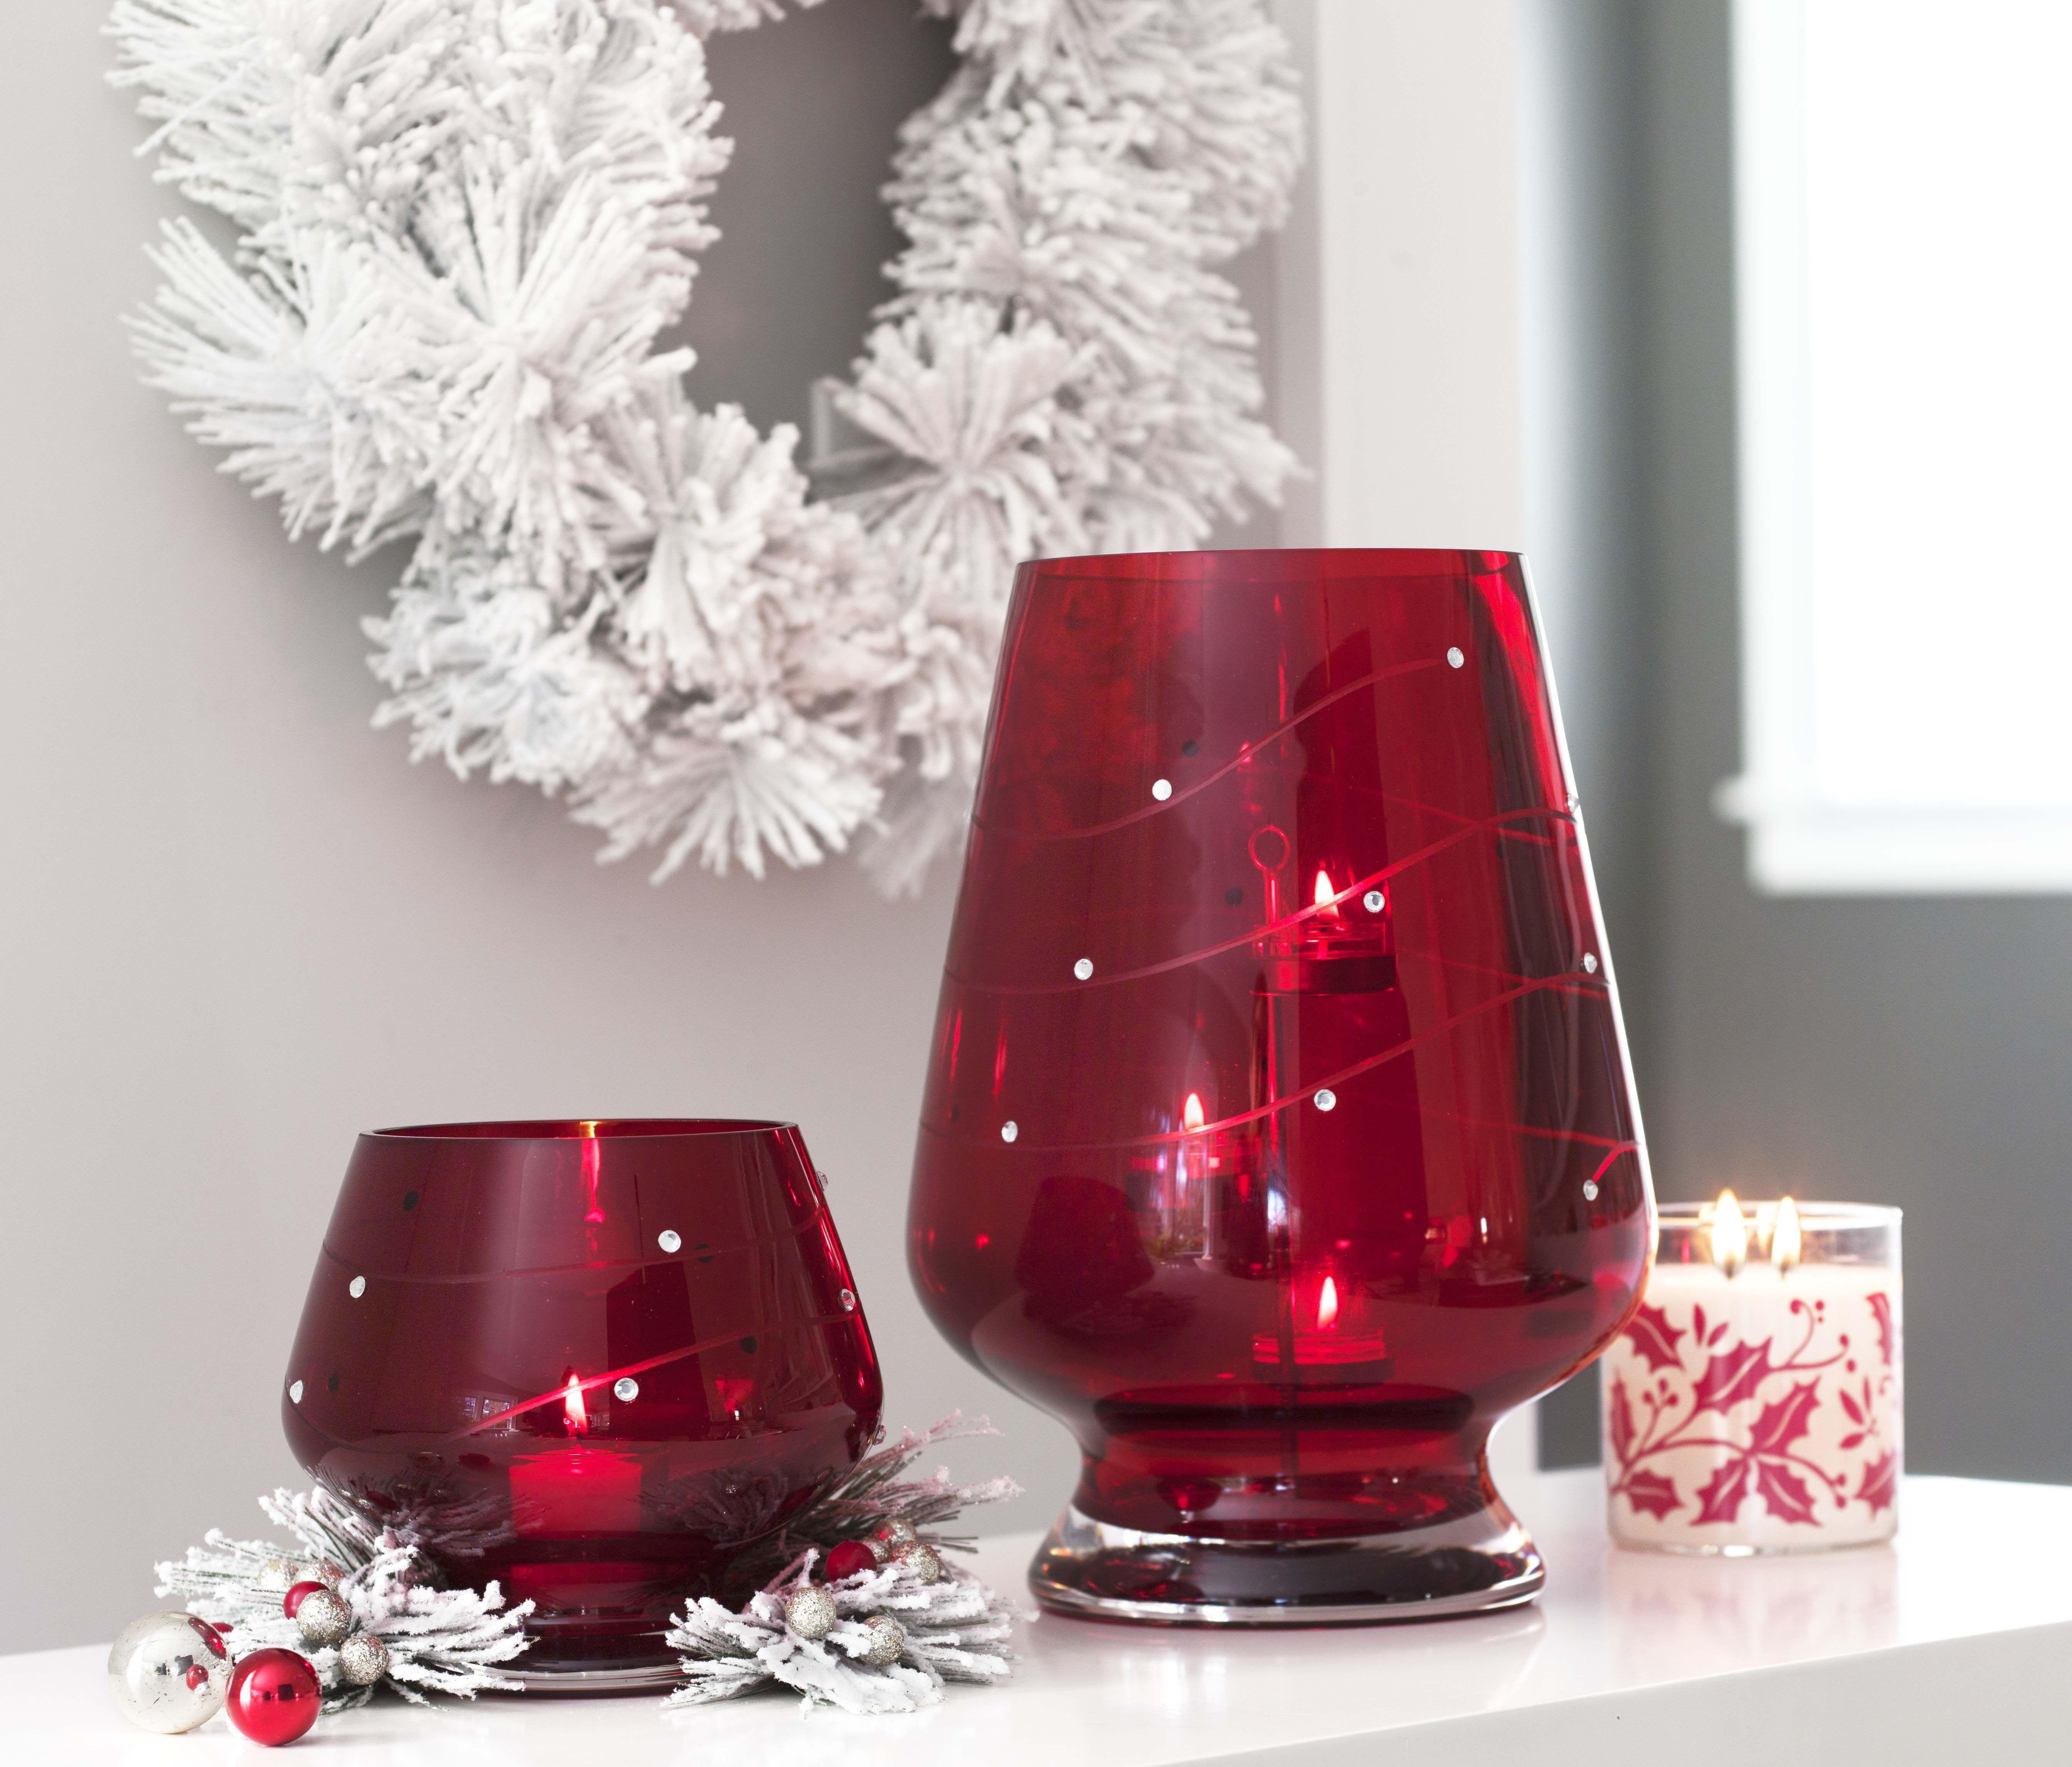 Joulun tunnelmaa lahjaksi! http://www.partylite.fi/fi/verkkokauppa.html